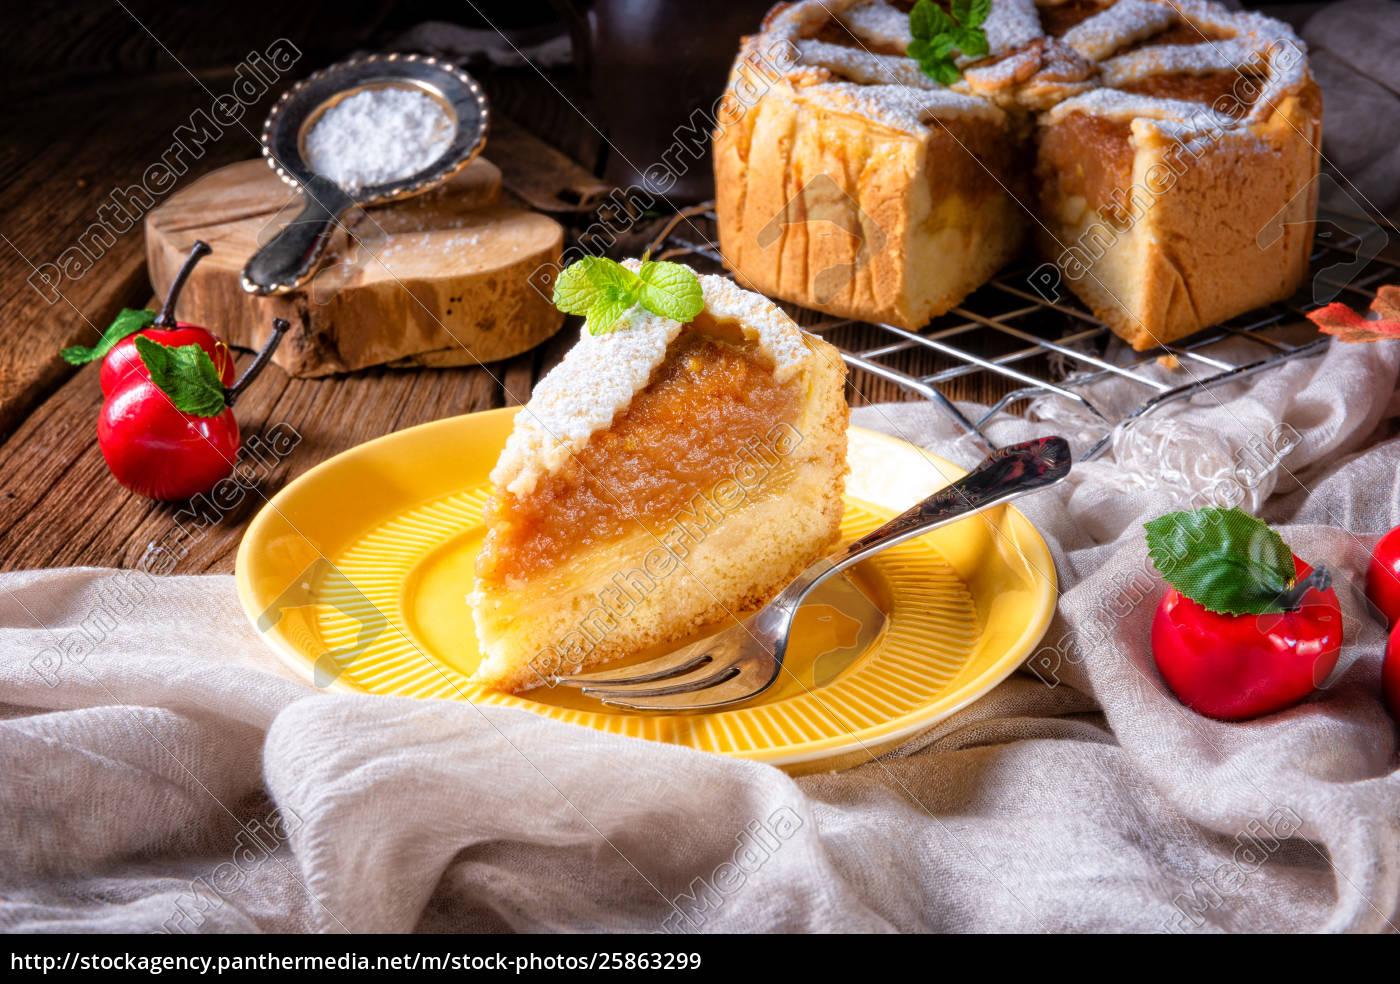 Æbler, dækket, med, en, crunchy, skorpe-det - 25863299